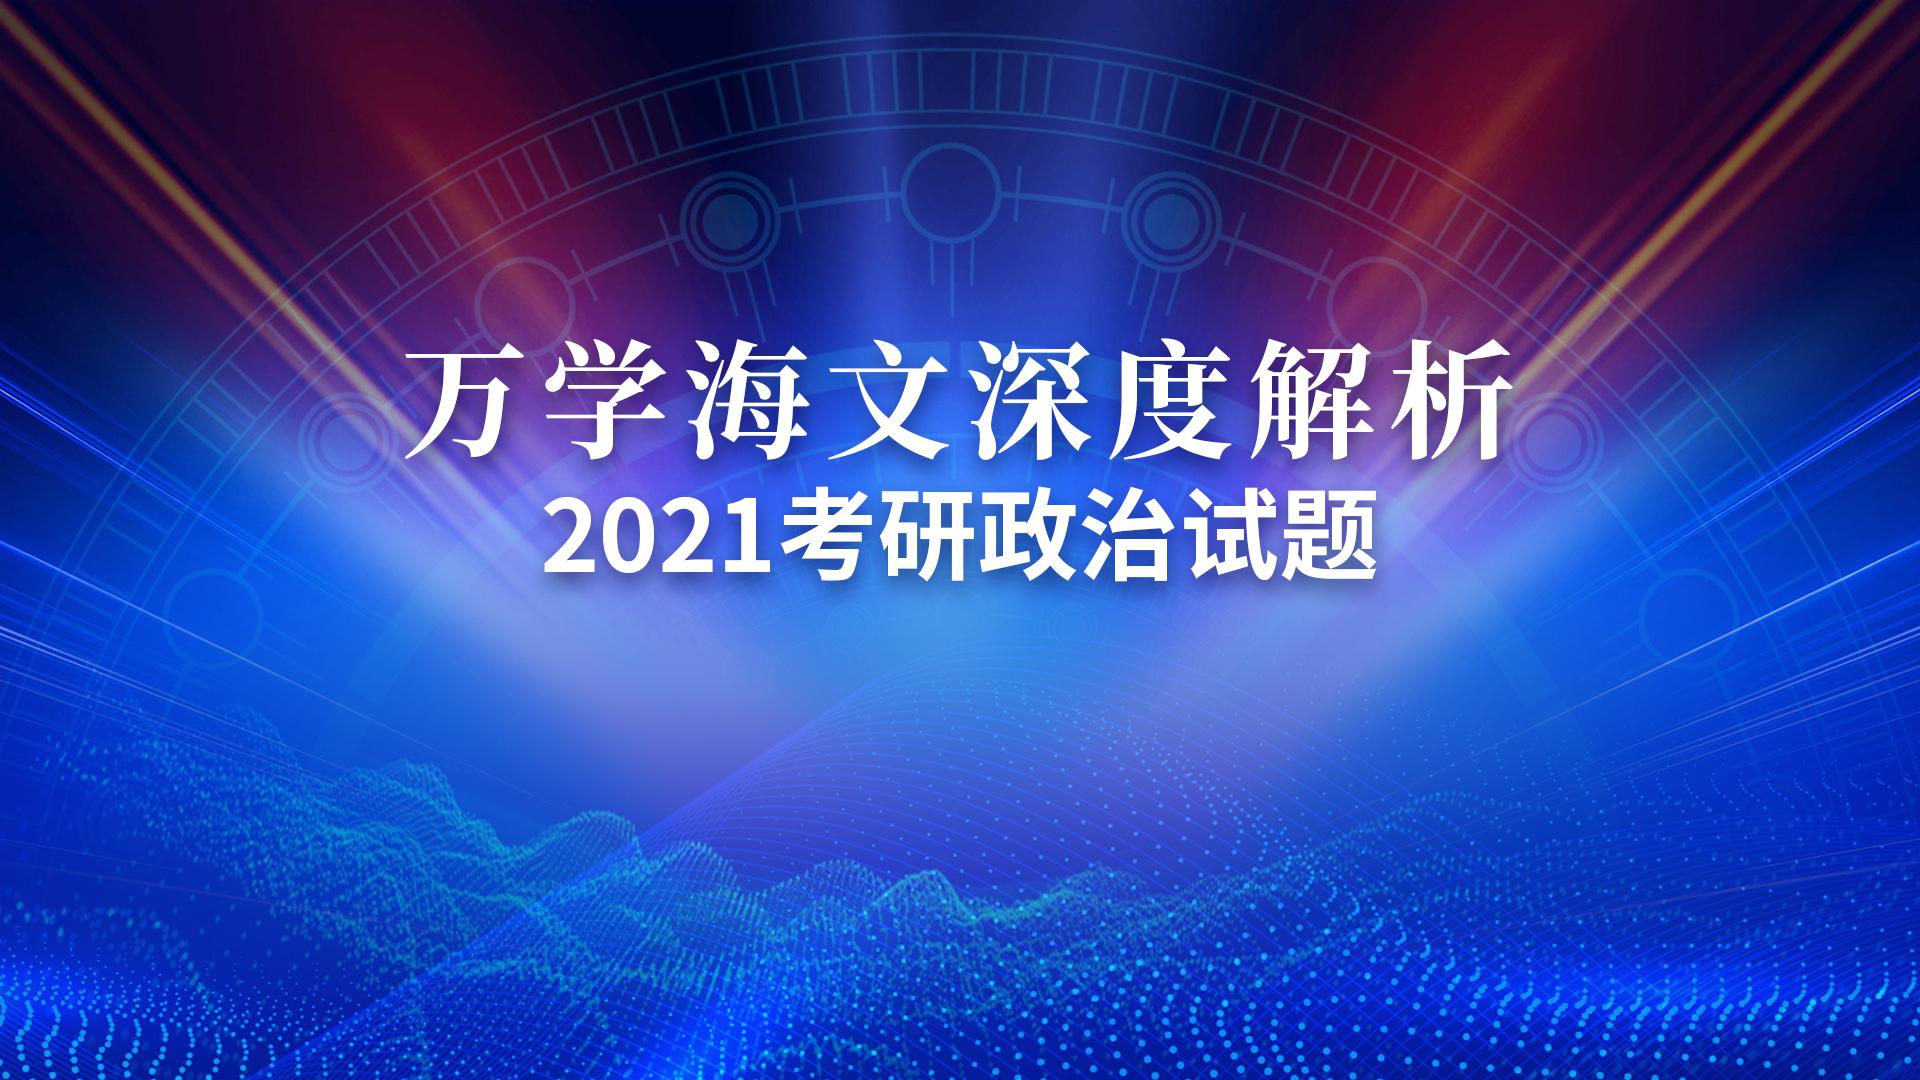 万学海文老师郭继武做客新浪教育解析2021考研政治试题